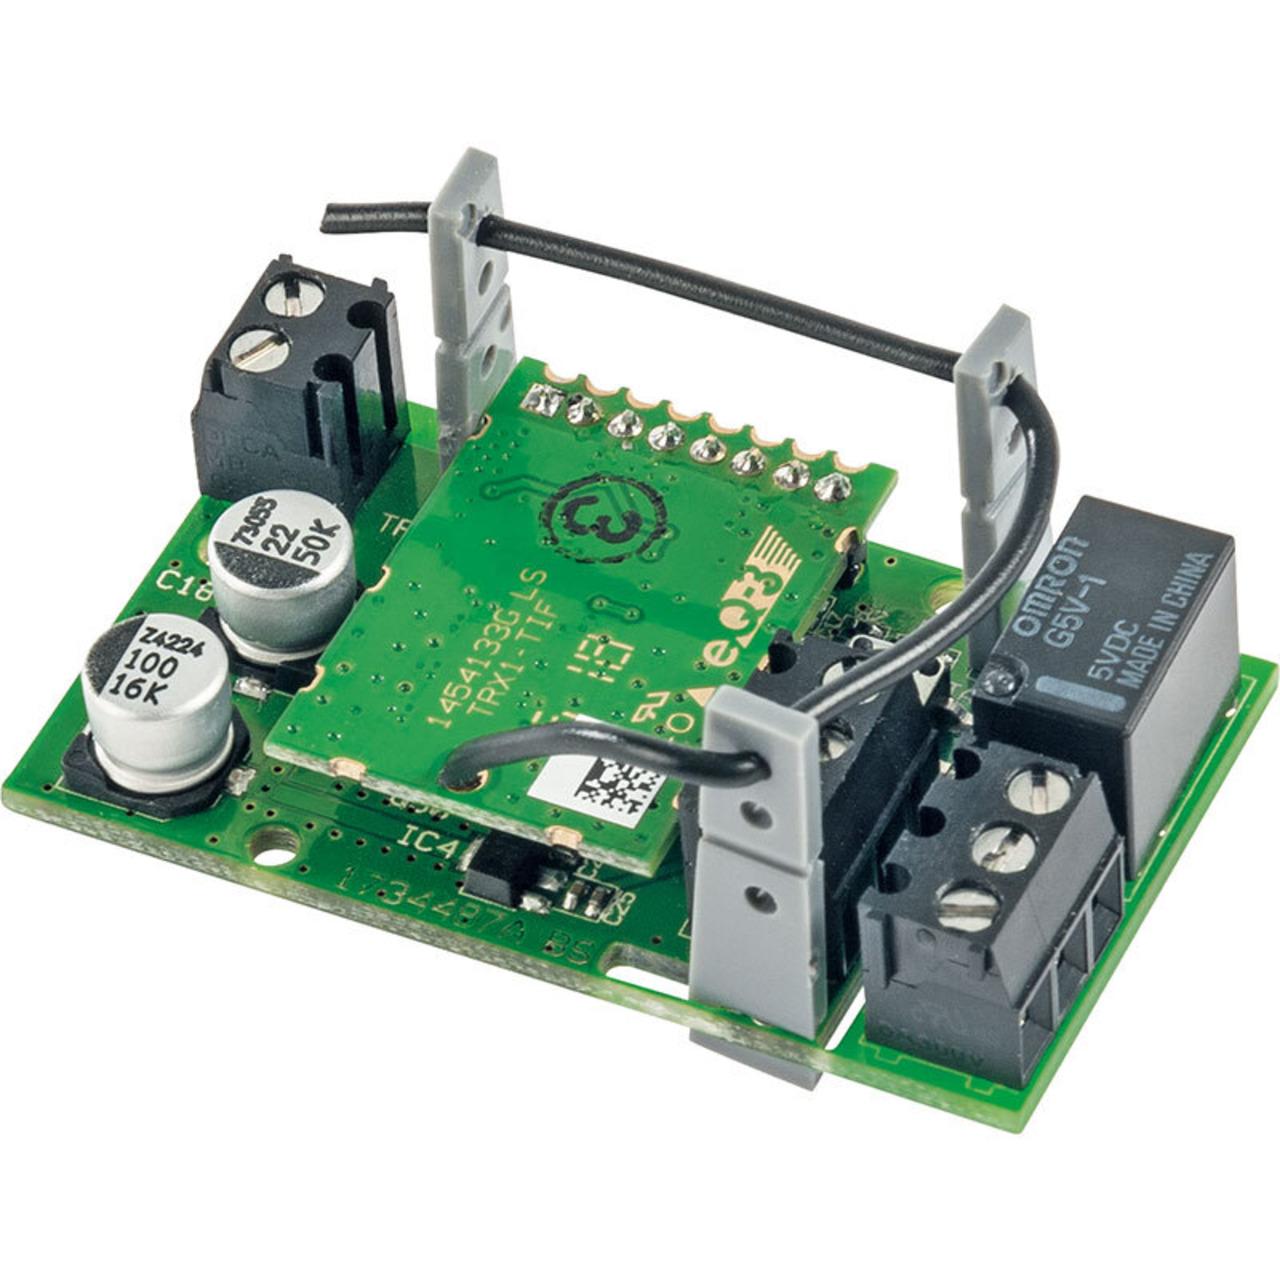 ELV Homematic IP Bausatz Schaltplatine HmIP-PCBS- für Smart Home - Hausautomation